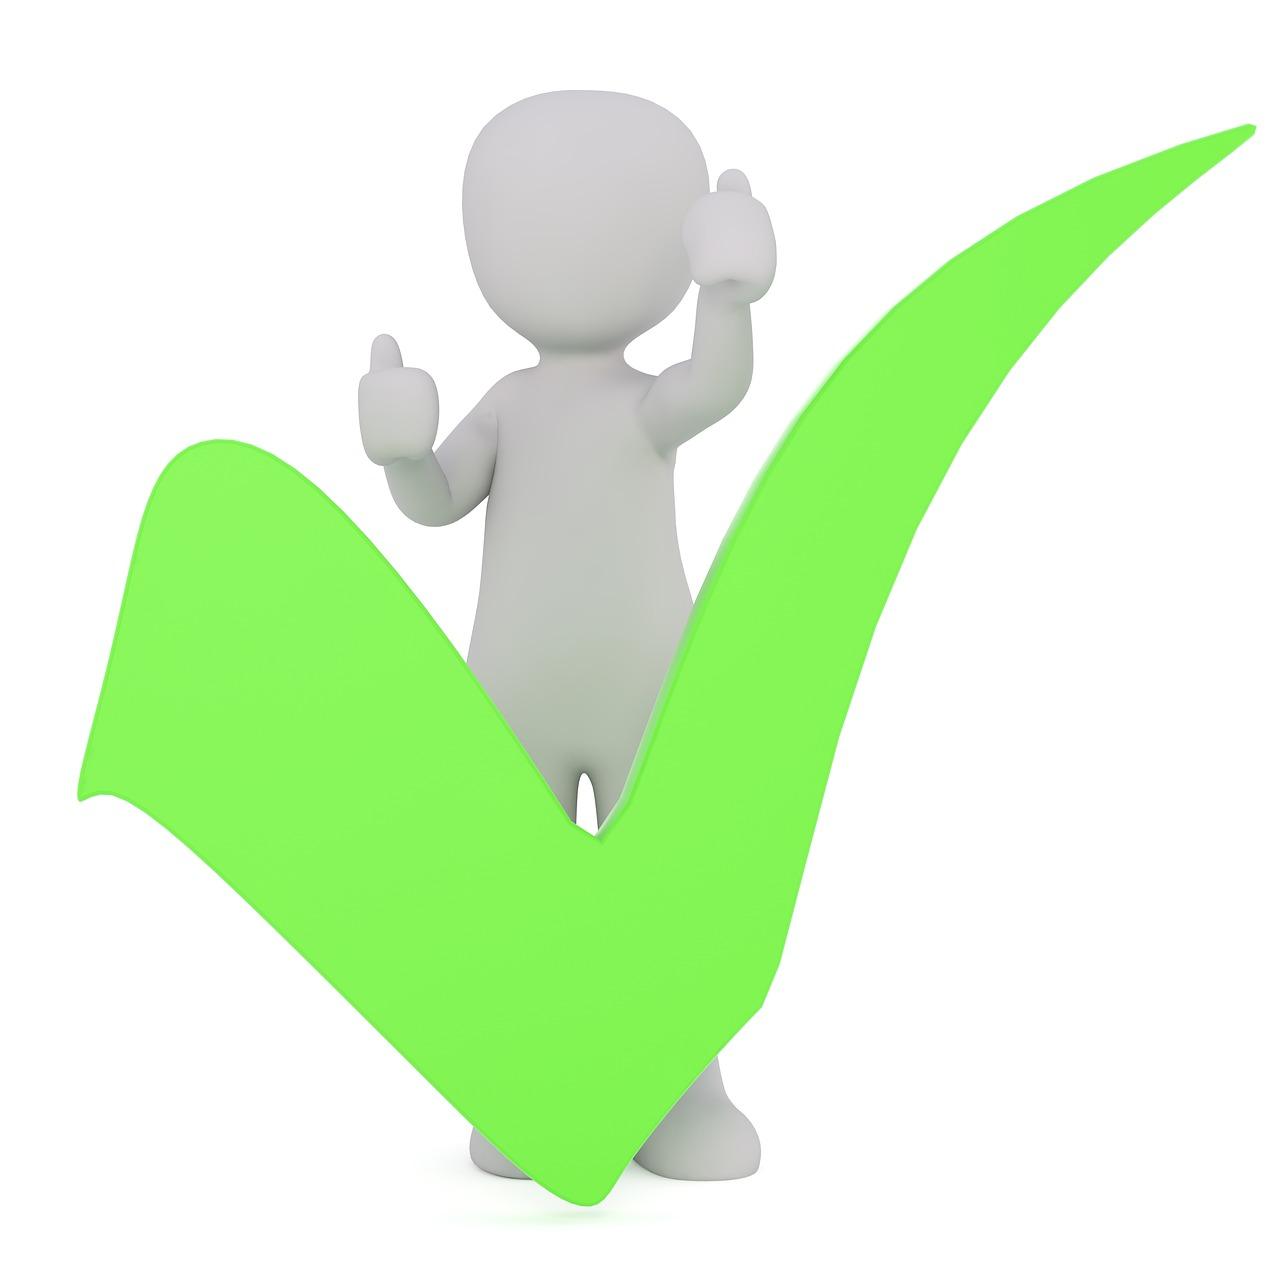 Linee Guida n. 4 aggiornate: i controlli negli affidamenti diretti